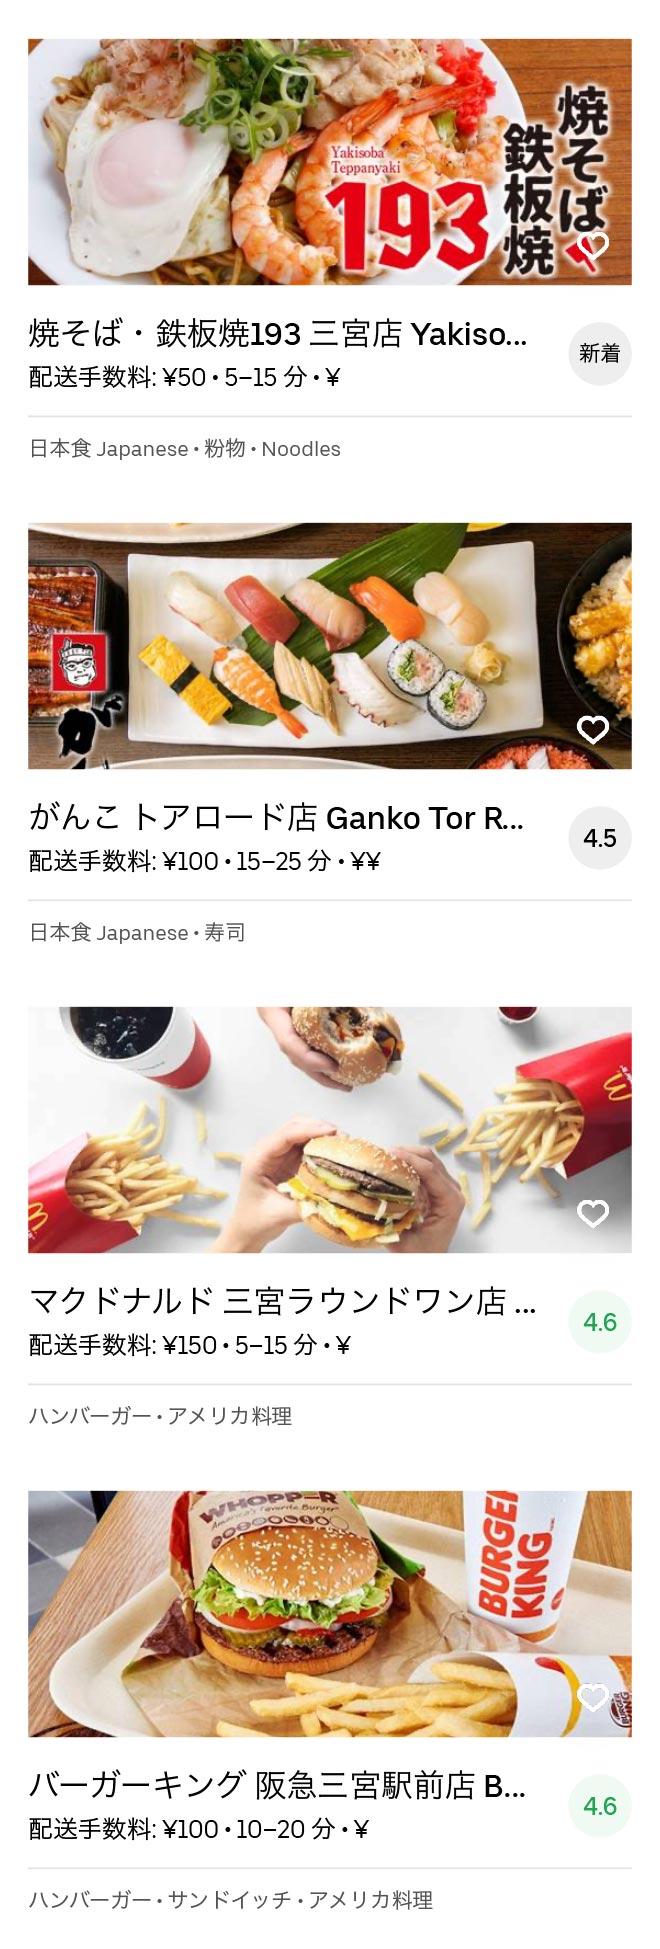 Kobe sannomiya menu 2005 03